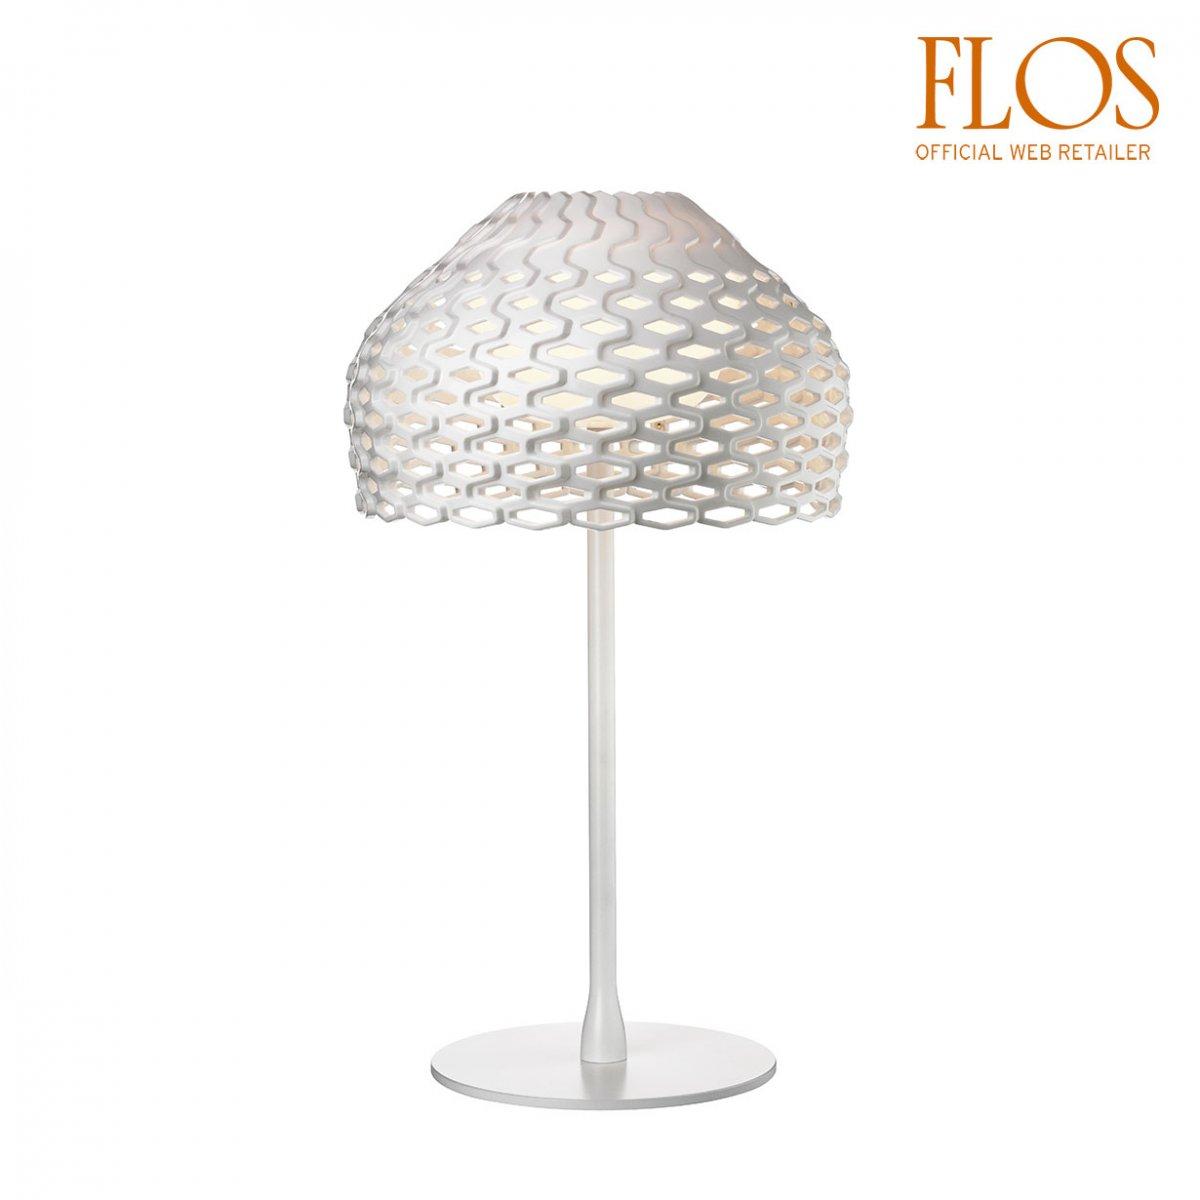 lovethesign ? muebles de diseño, iluminación y accesorios de hogar ... - Tiendas De Muebles Diseno